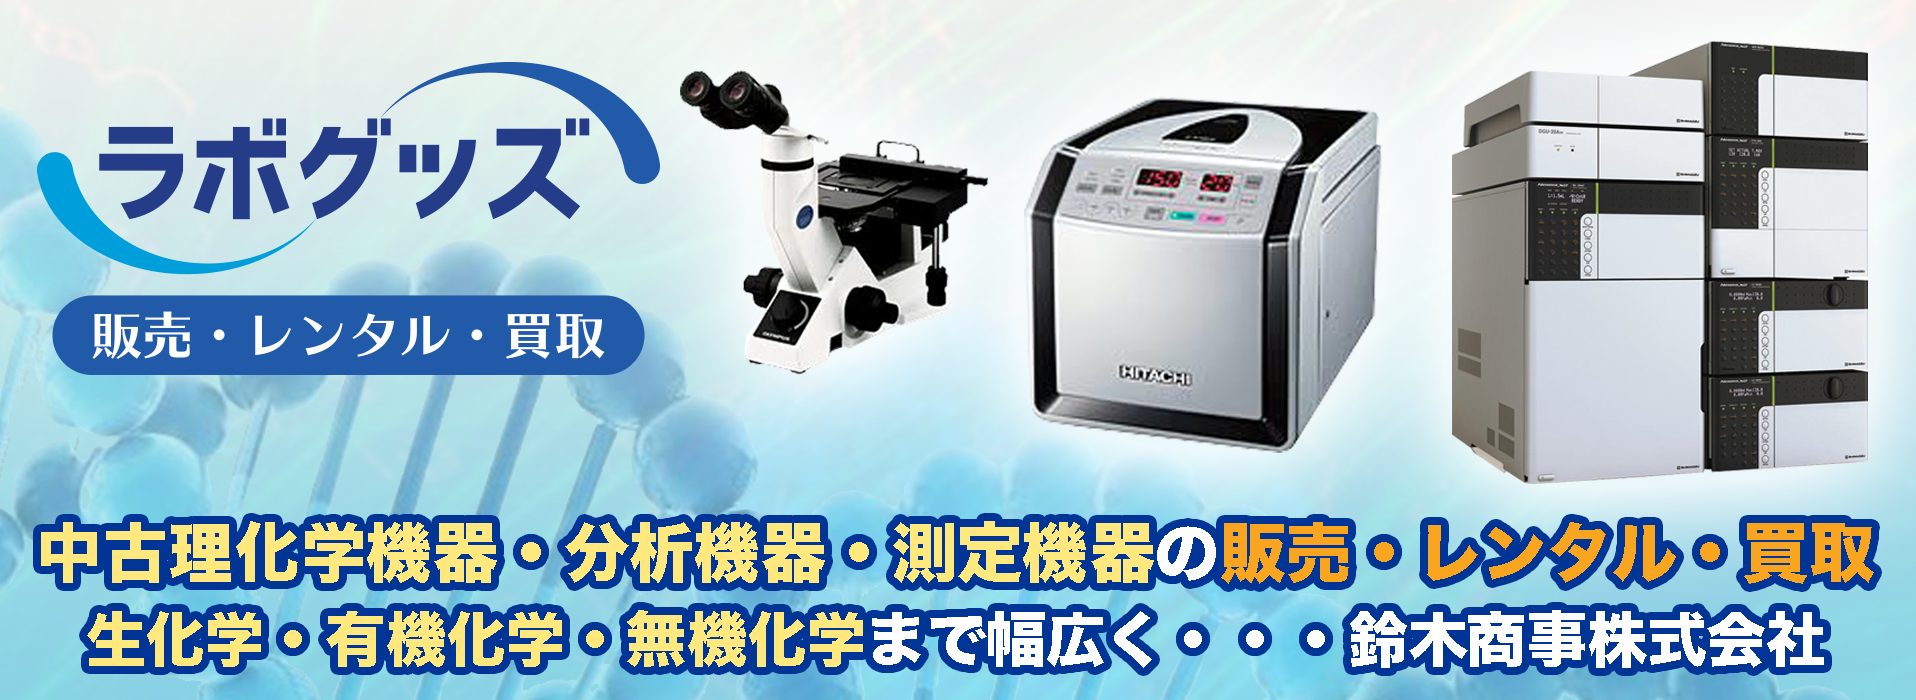 理化学機器の買取・中古理化学機器の販売・レンタルは、鈴木商事株式会社/ラボグッズ